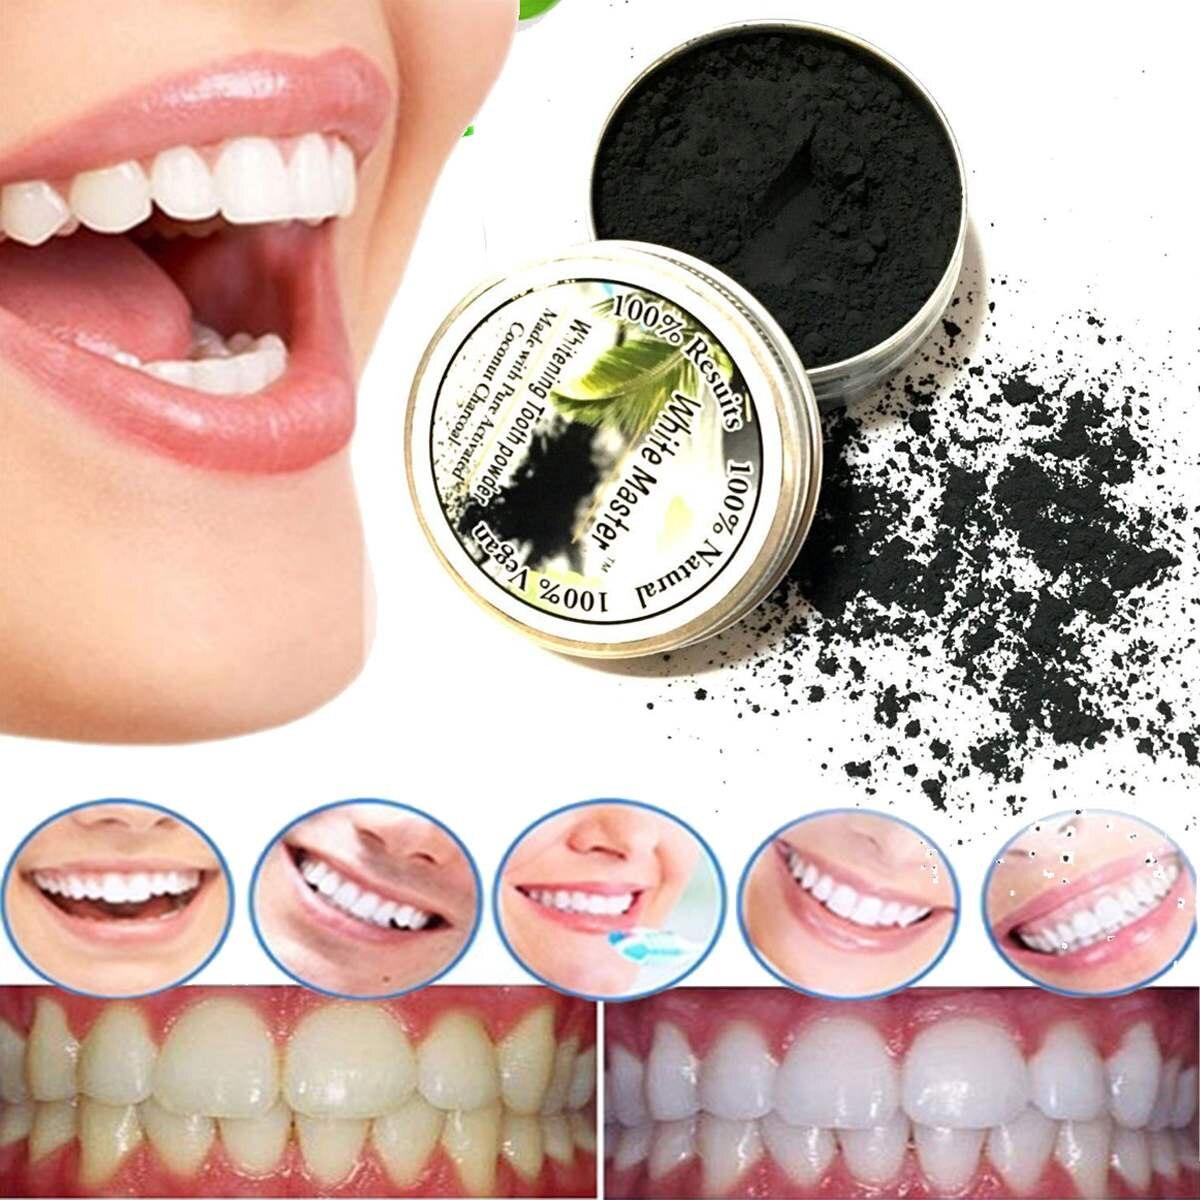 10g Murni Pemutihan Gigi Bubuk Gigi Hitam Arang Aktif Maquiagem